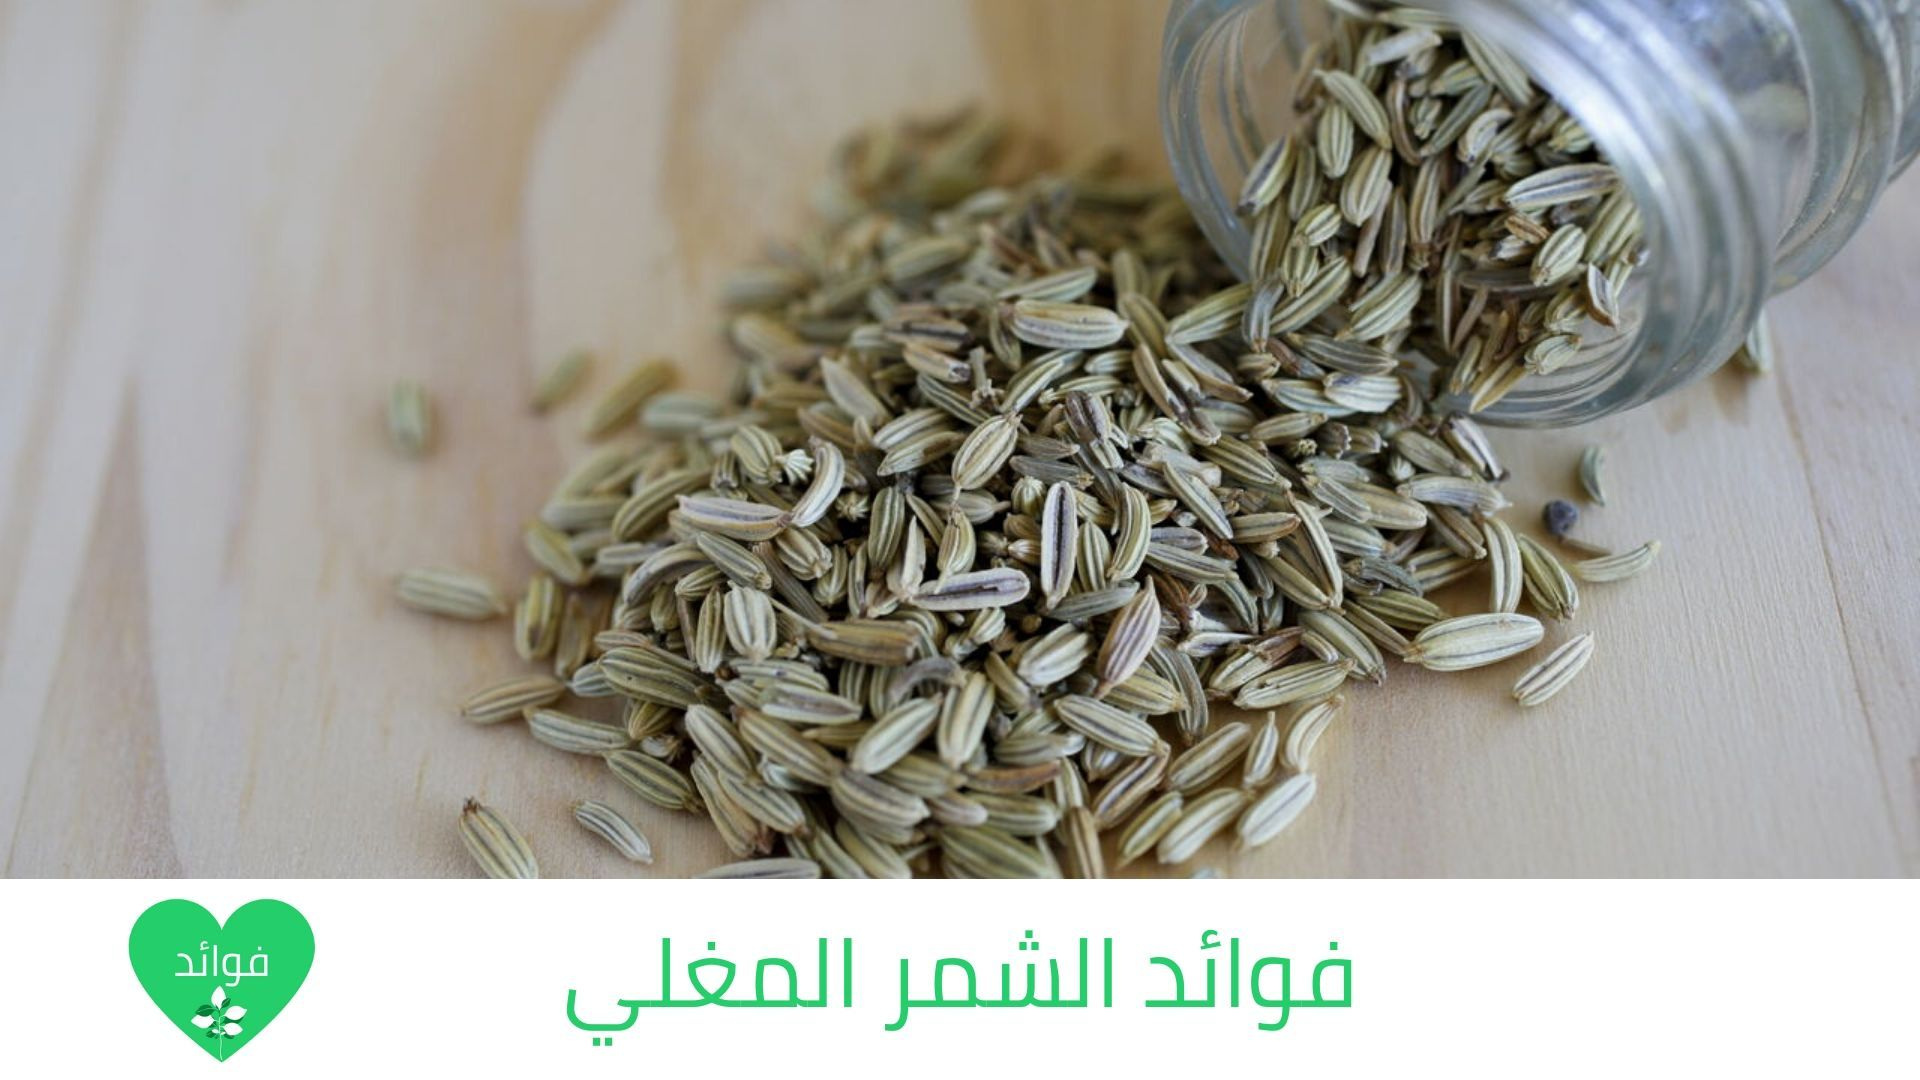 فوائد الشمر المغلي فوائد متعددة وهامة للتخسيس والقولون وأكثر How To Dry Basil Herbs Dried